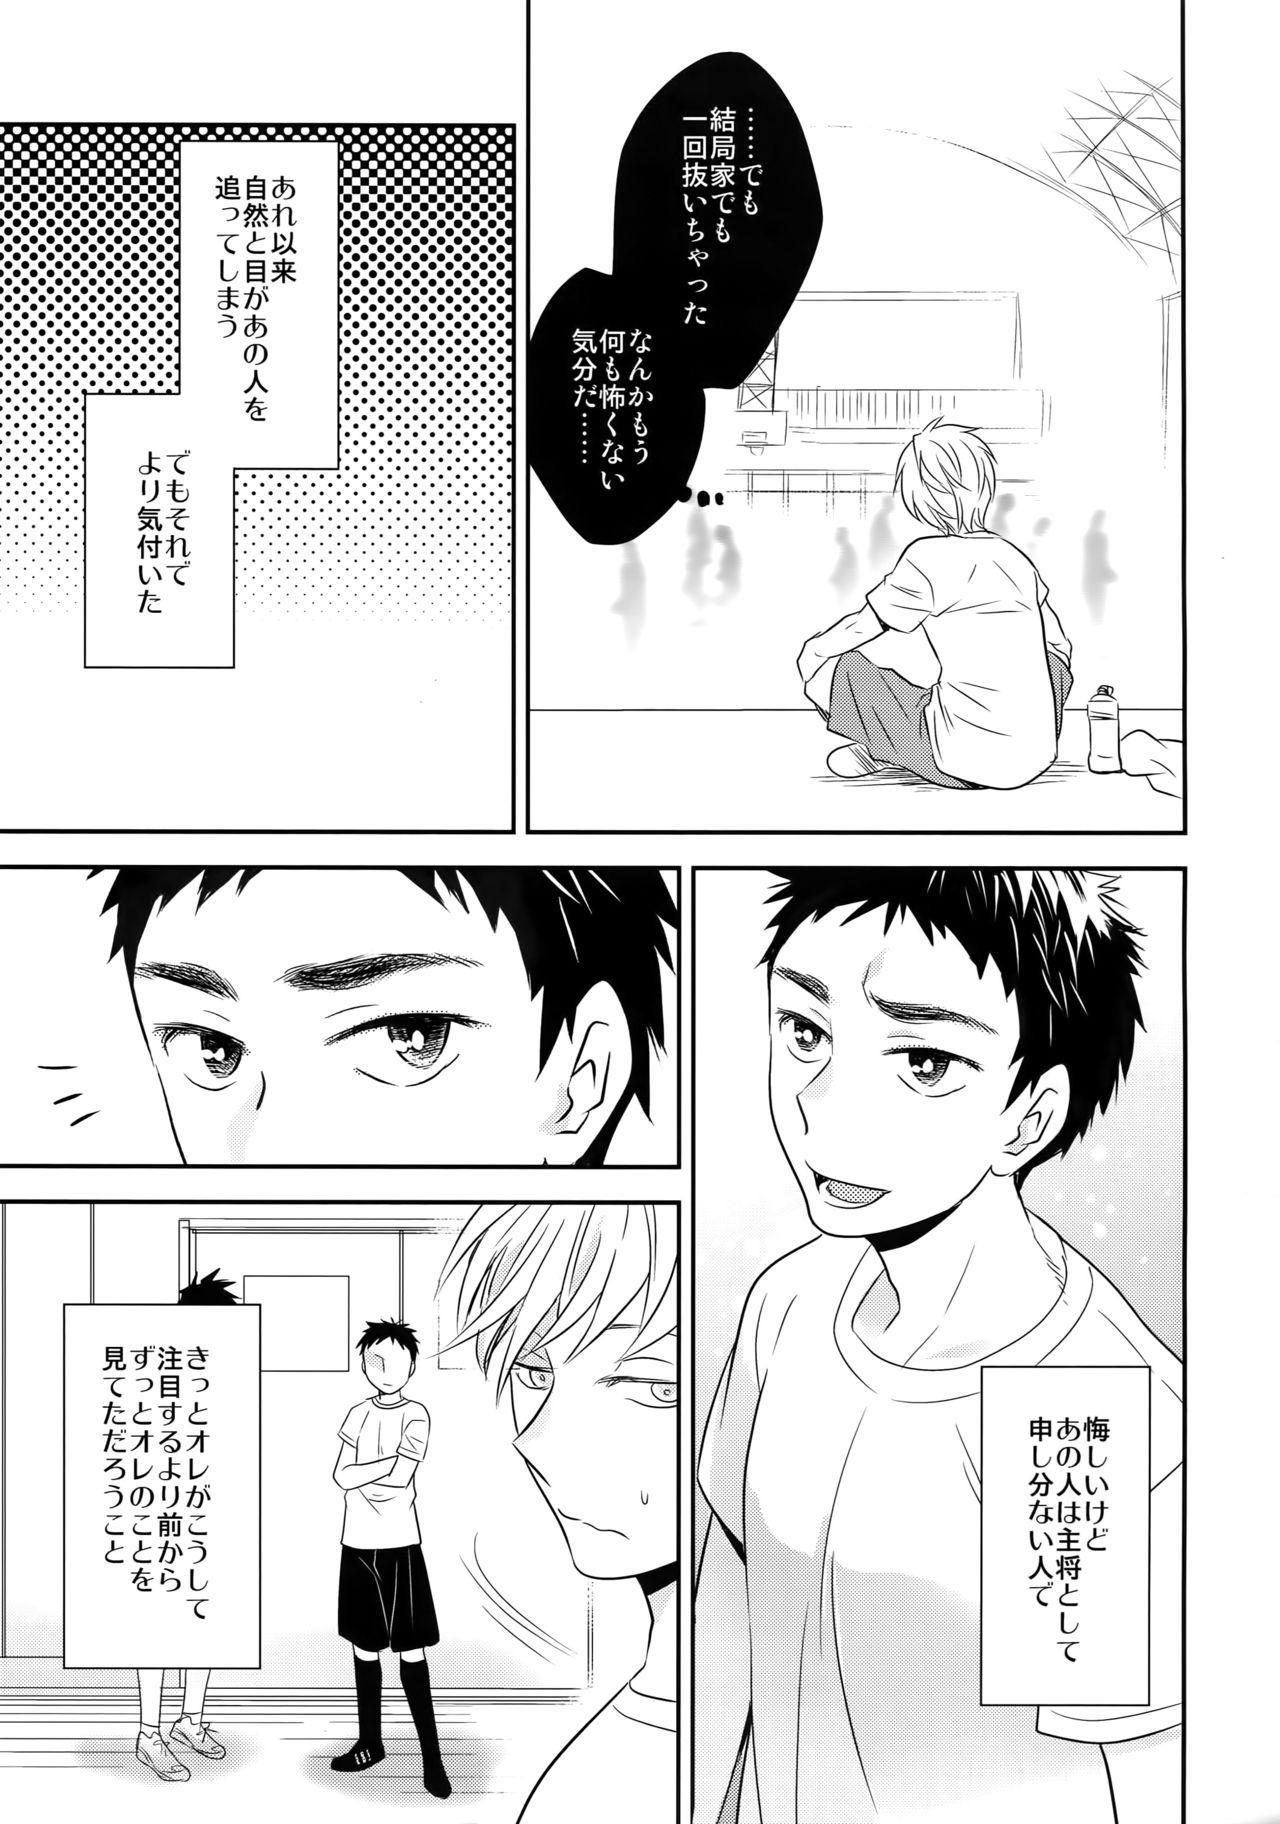 [Bakuchi Jinsei SP (Satsuki Fumi)] Kanpeki Kareshi to Zettai Ryouiki Ouji-sama - Another Version - (Kuroko no Basket) 37